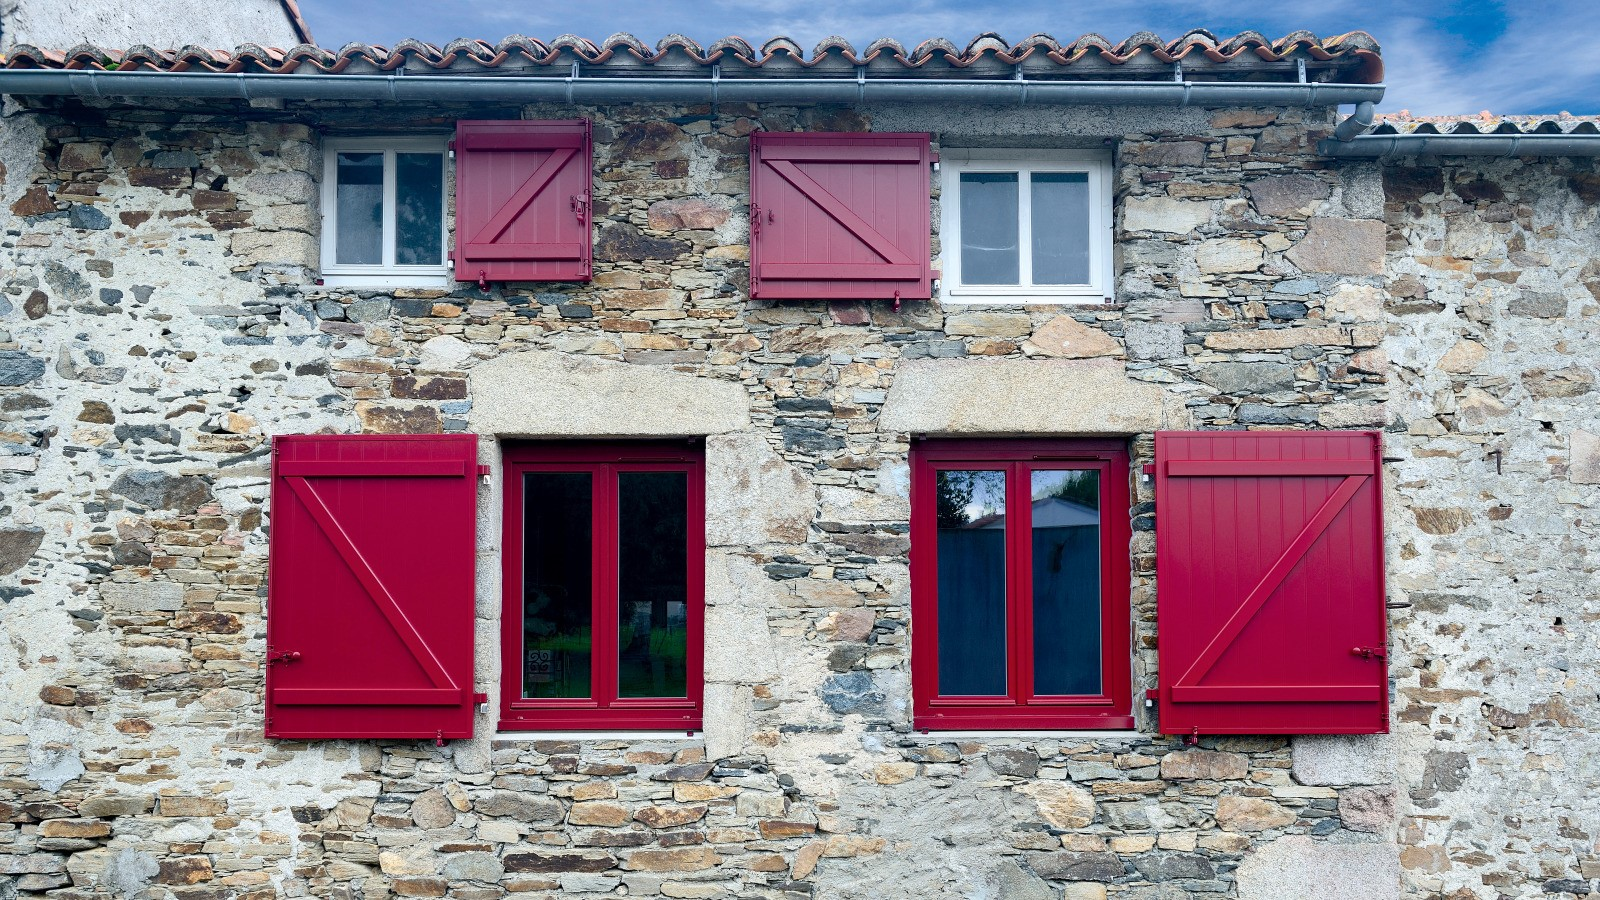 Couleur Volet En Provence guide - volets battants en bois, alu et pvc : différences et